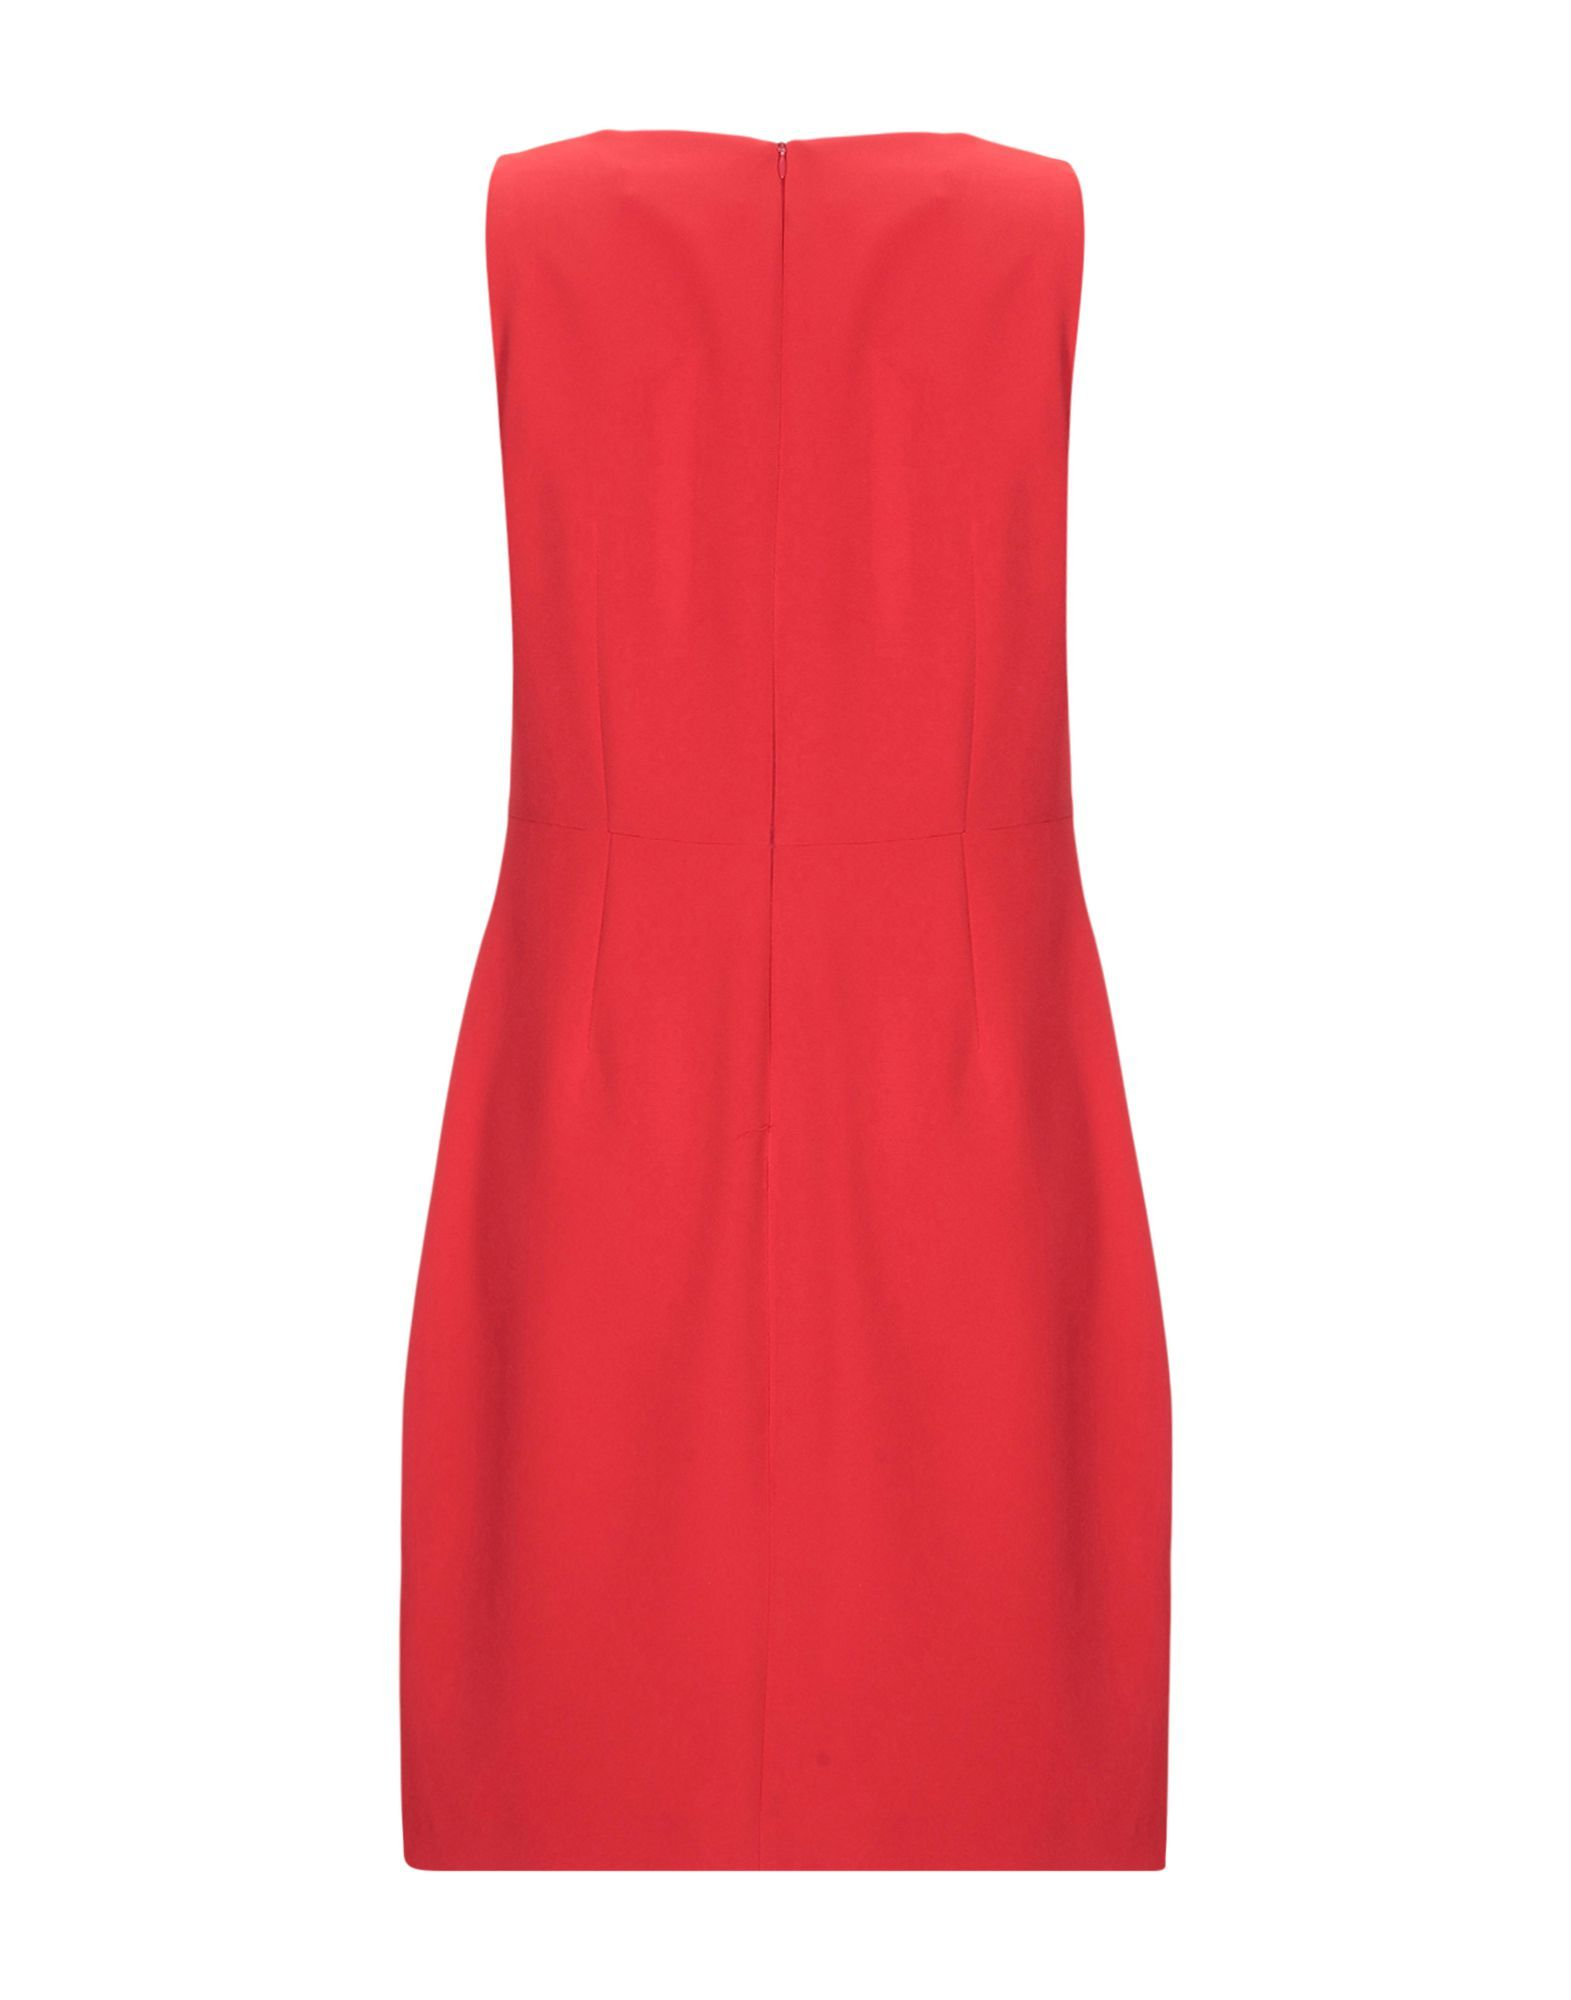 Blugirl Blumarine Red Crepe Ruffle Sleeveless Dress